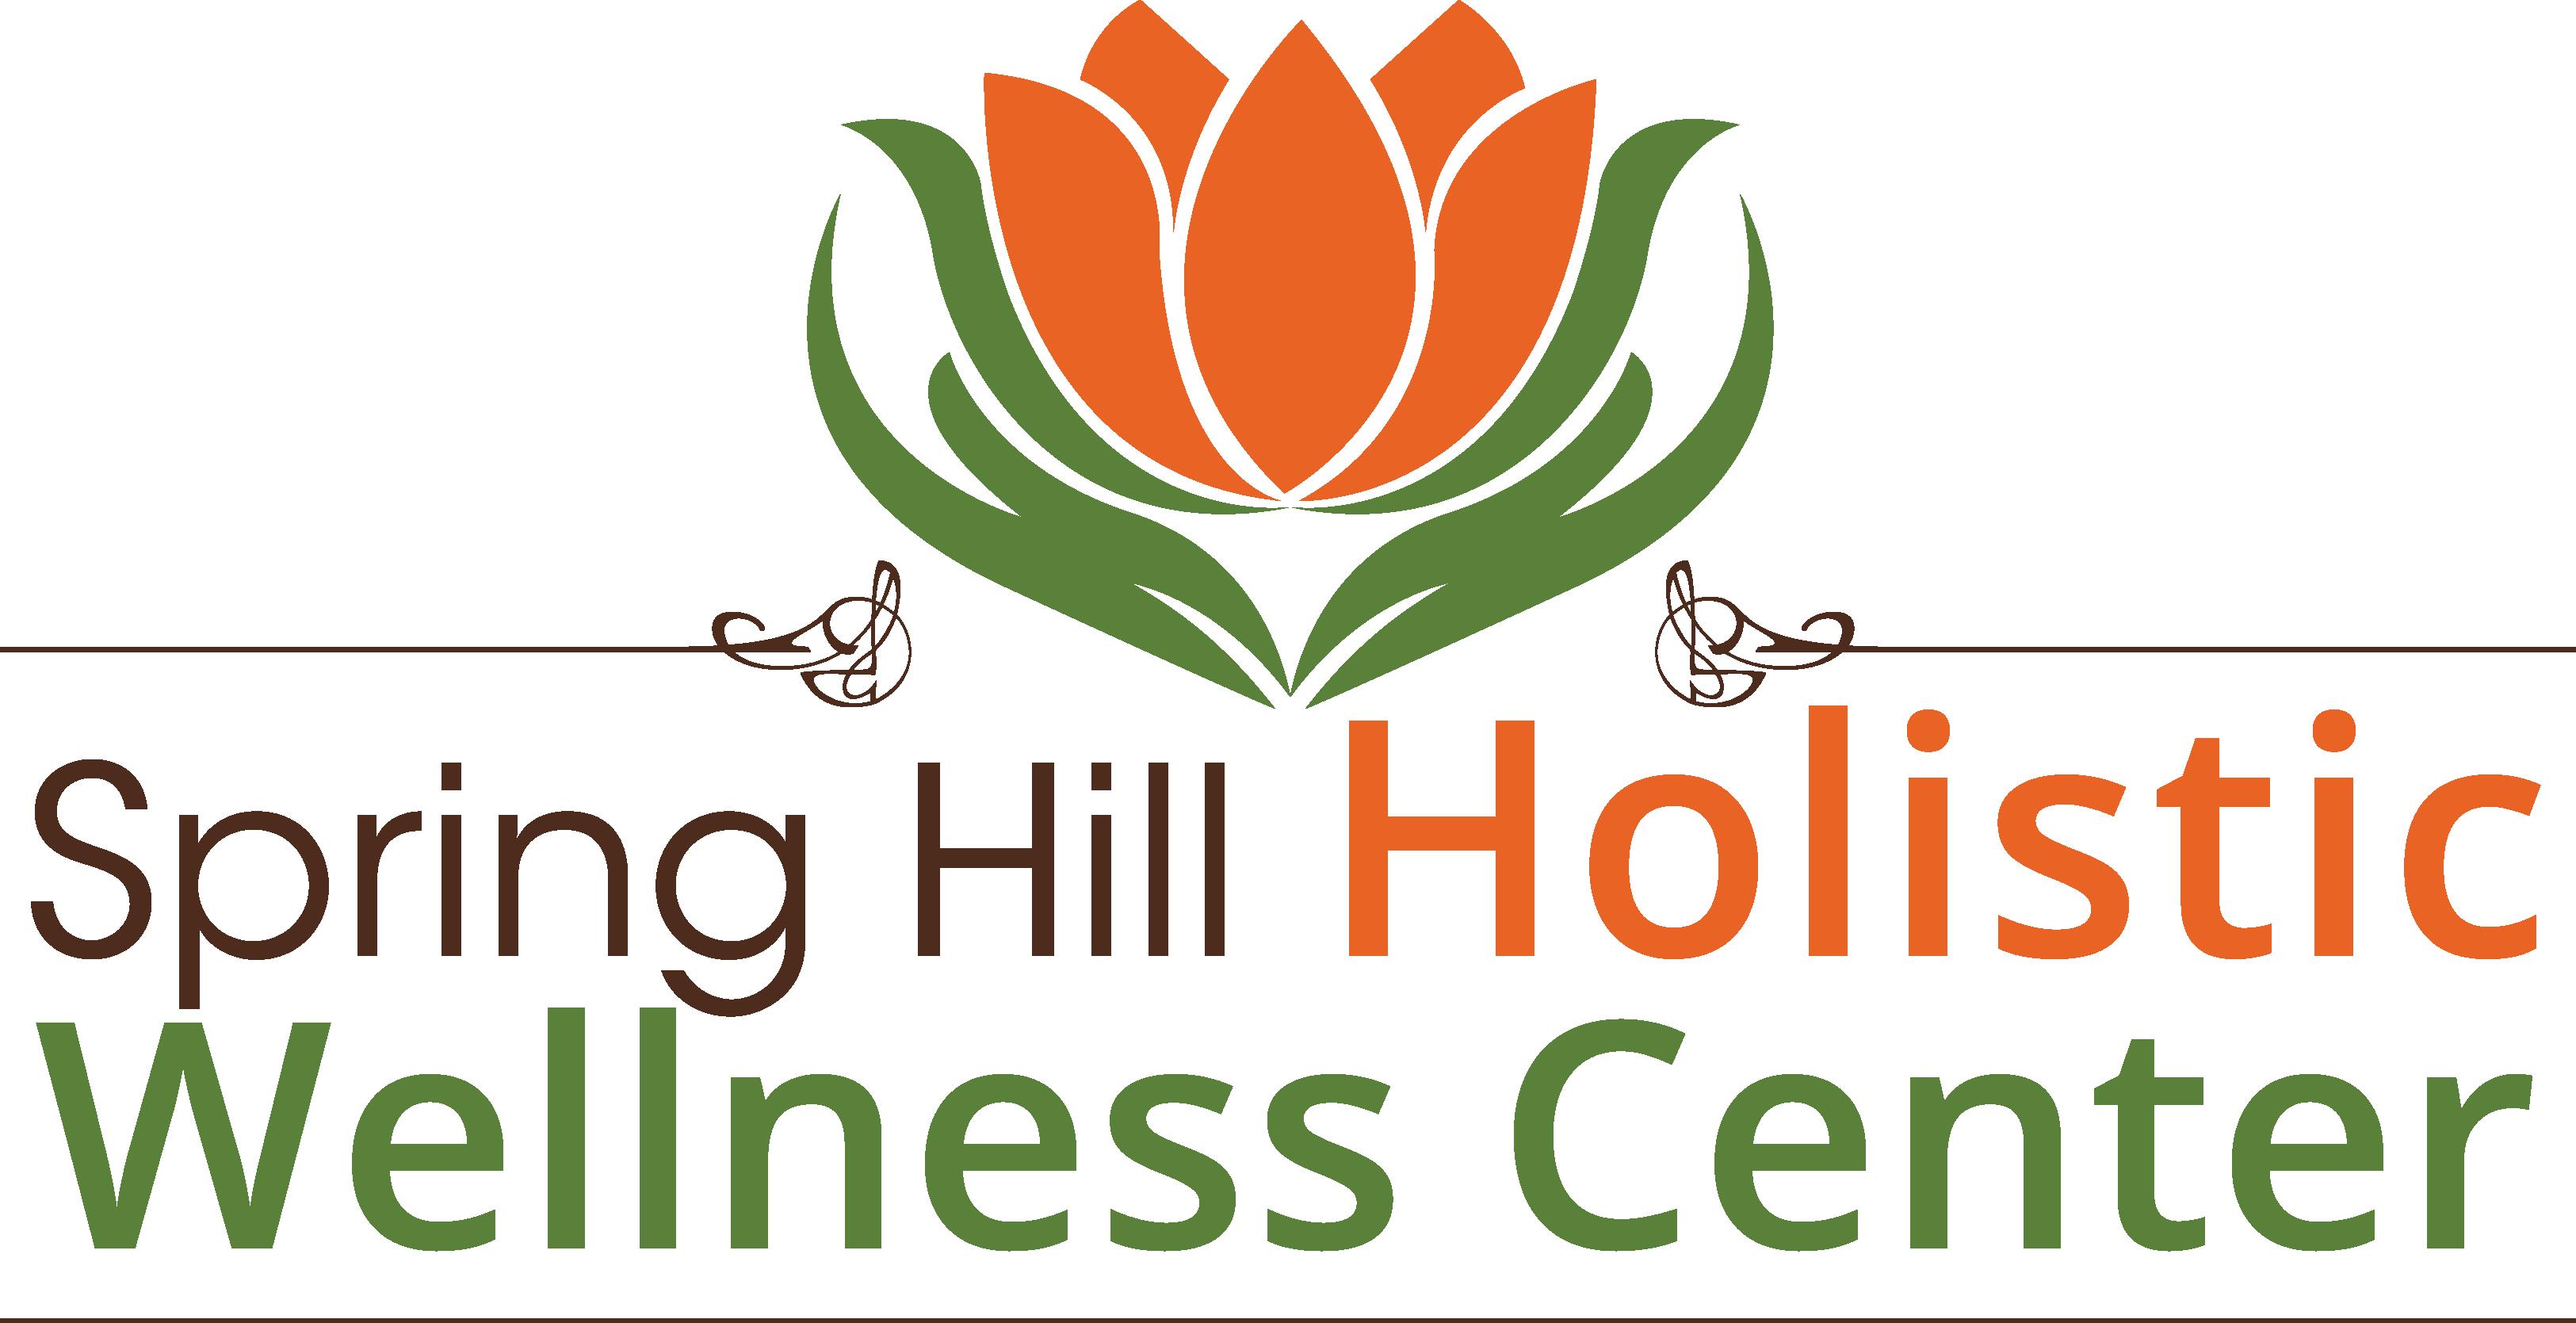 Spring Hill Holistic Wellness Center